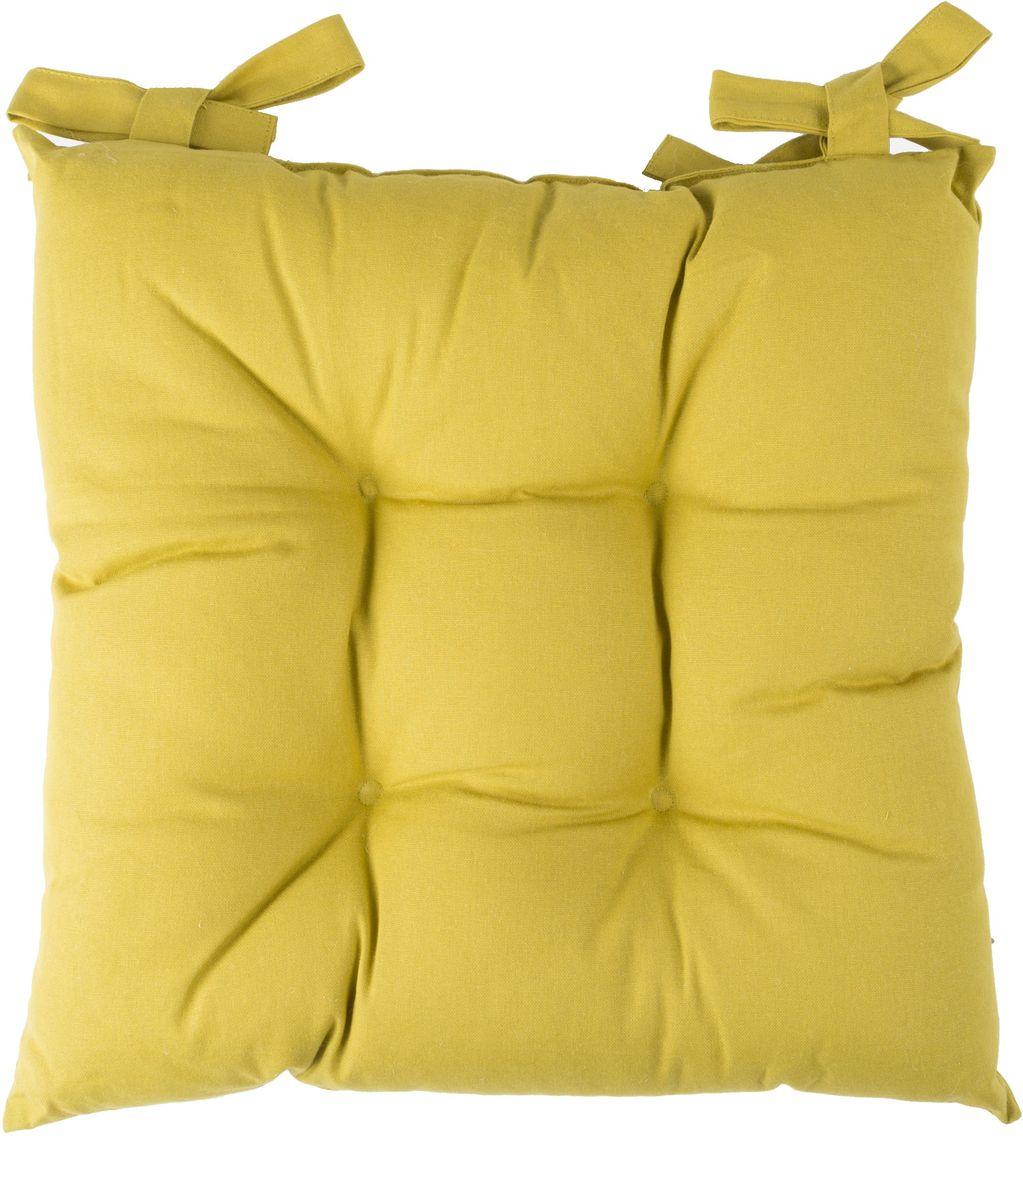 Подушка на стул Daily by Togas Стелла, цвет: горчичный, 45 х 45 см подушка декоративная togas пагода наполнитель полиэфир цвет синий золотой 45 х 45 см